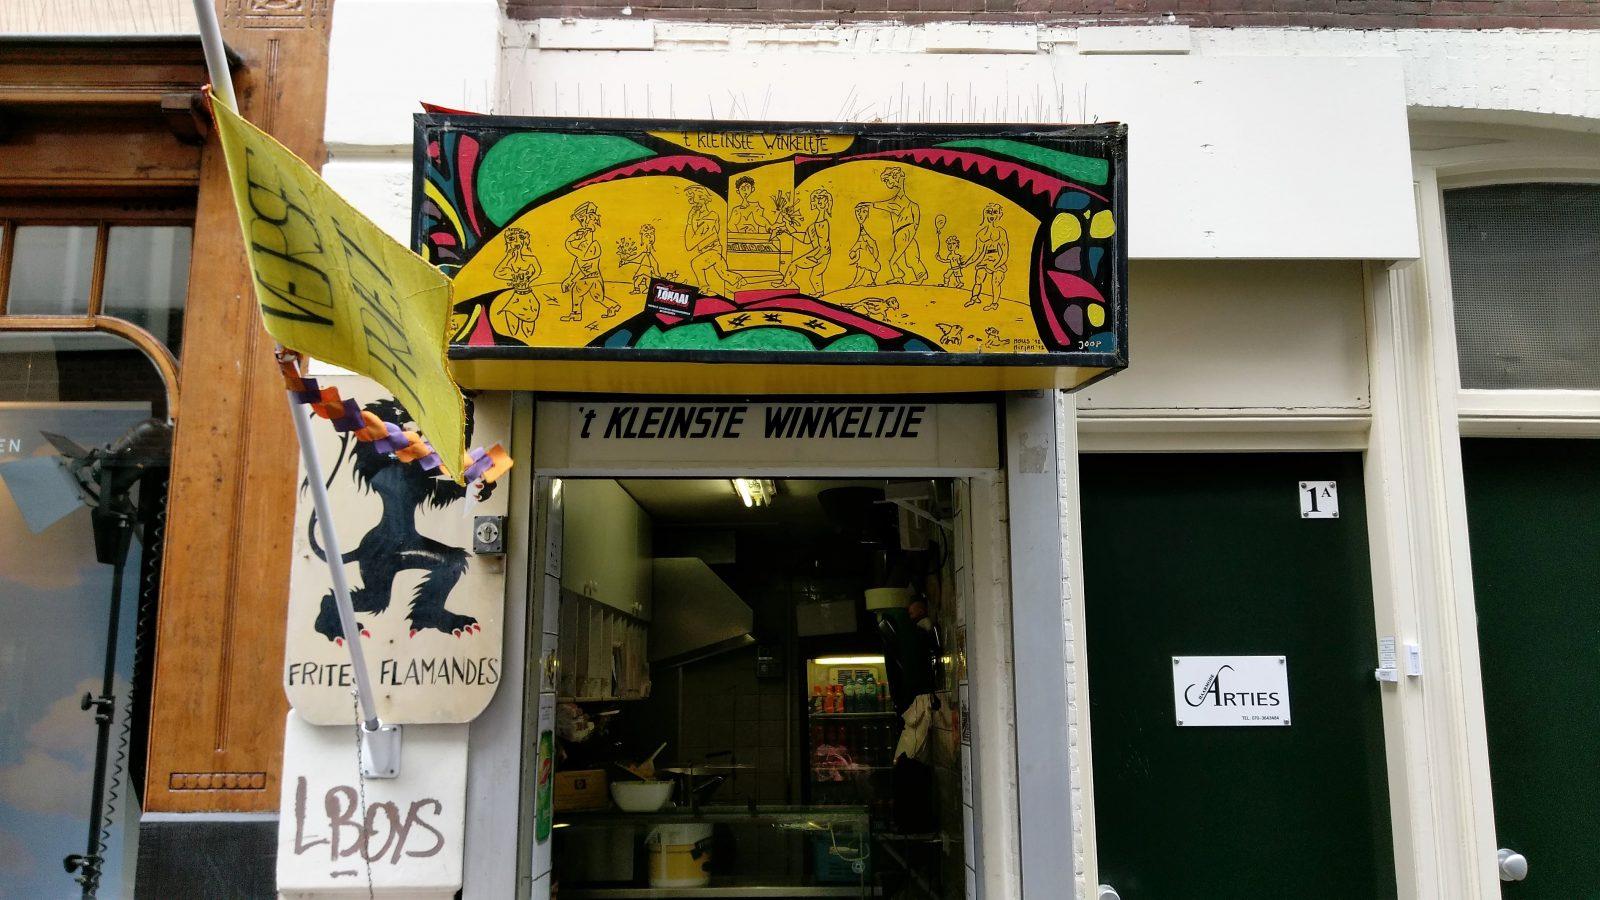 Kleinste winkeltje